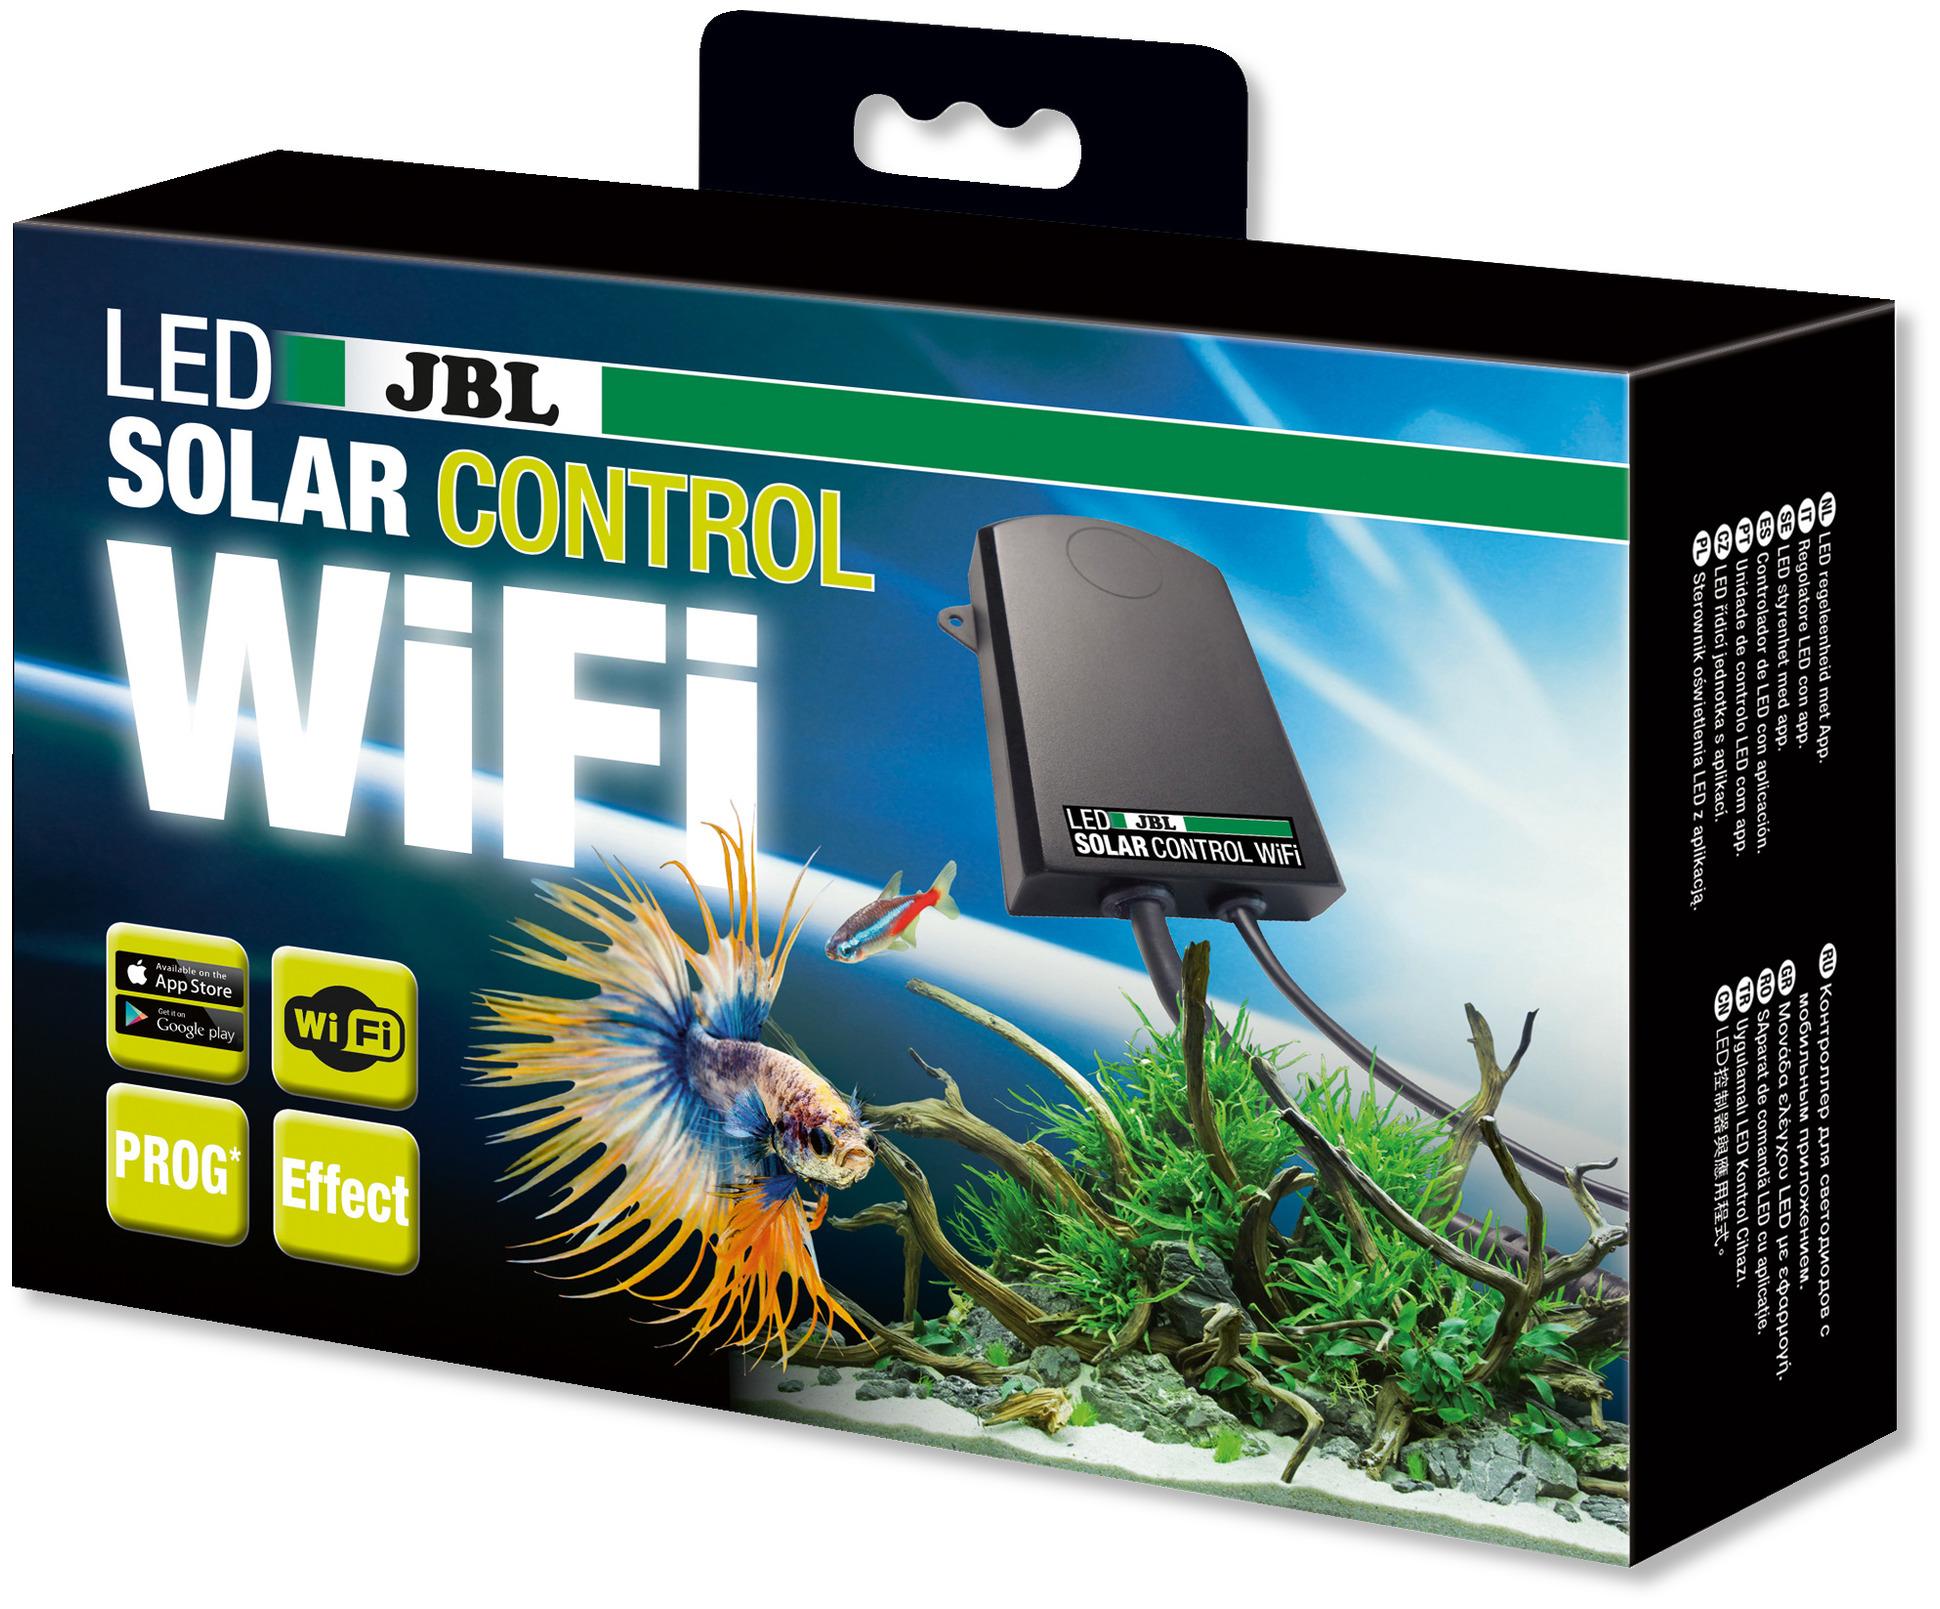 JBL LED Solar Control Wifi contrôleur pour rampes LEDs JBL